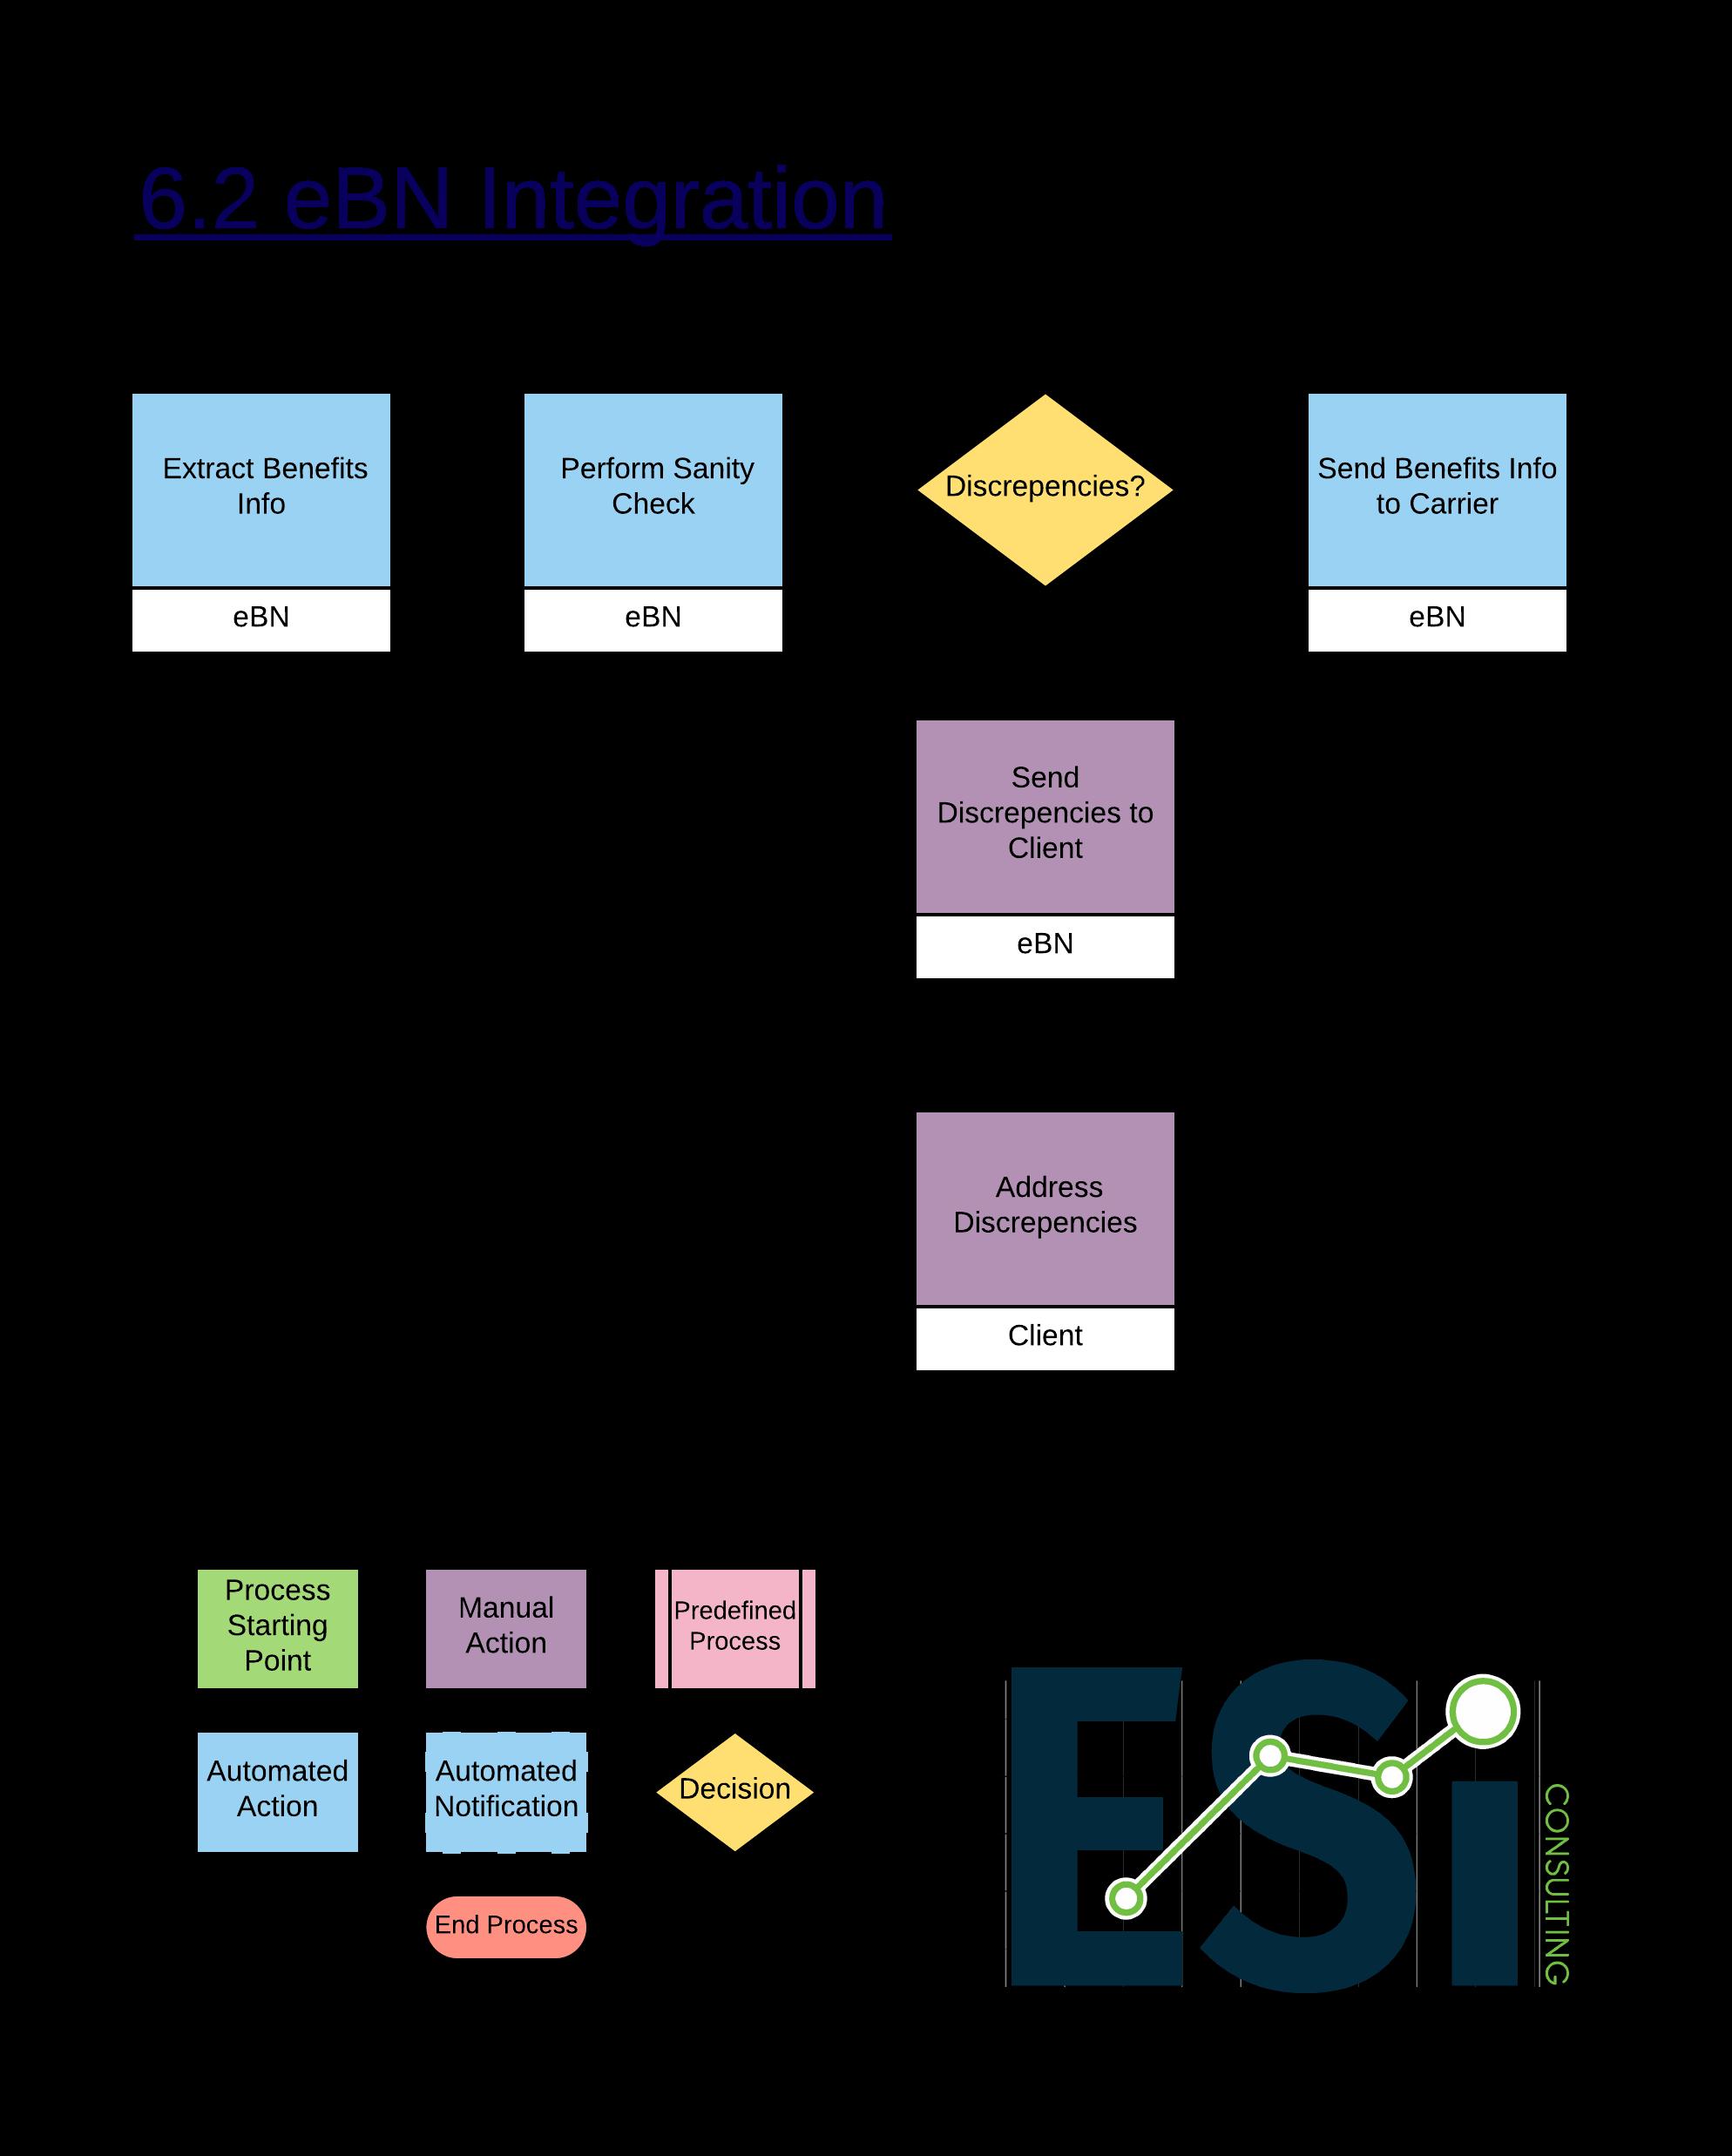 6.2 eBN Integration -